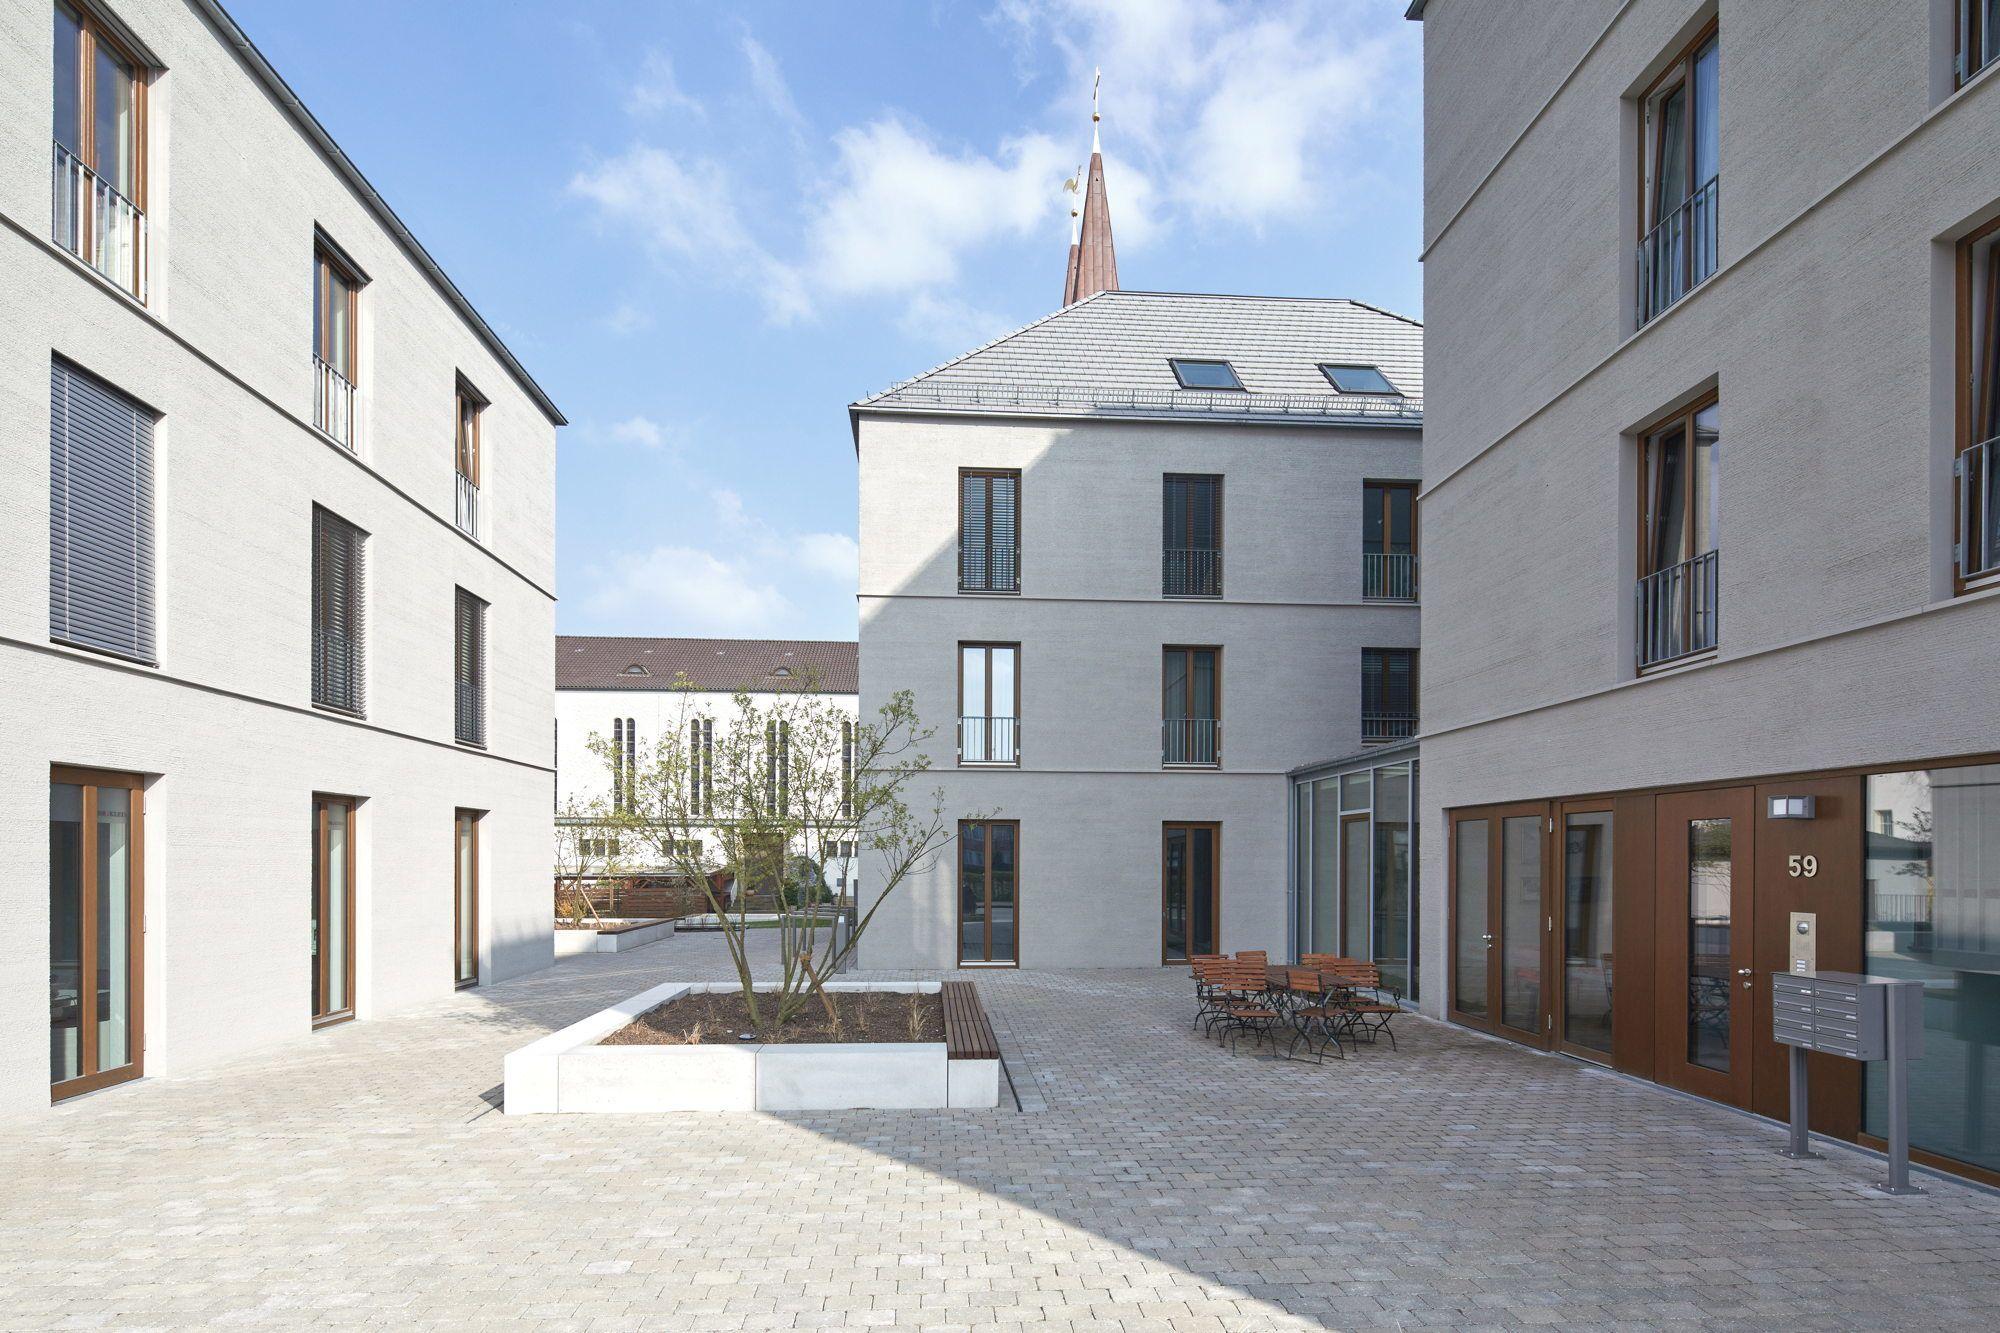 Respekt Vor Dem Umfeld Wohn Und Geschaftshauser In Bielefeld Von Wannenmacher Moller Moderner Hof Architektur Bielefeld